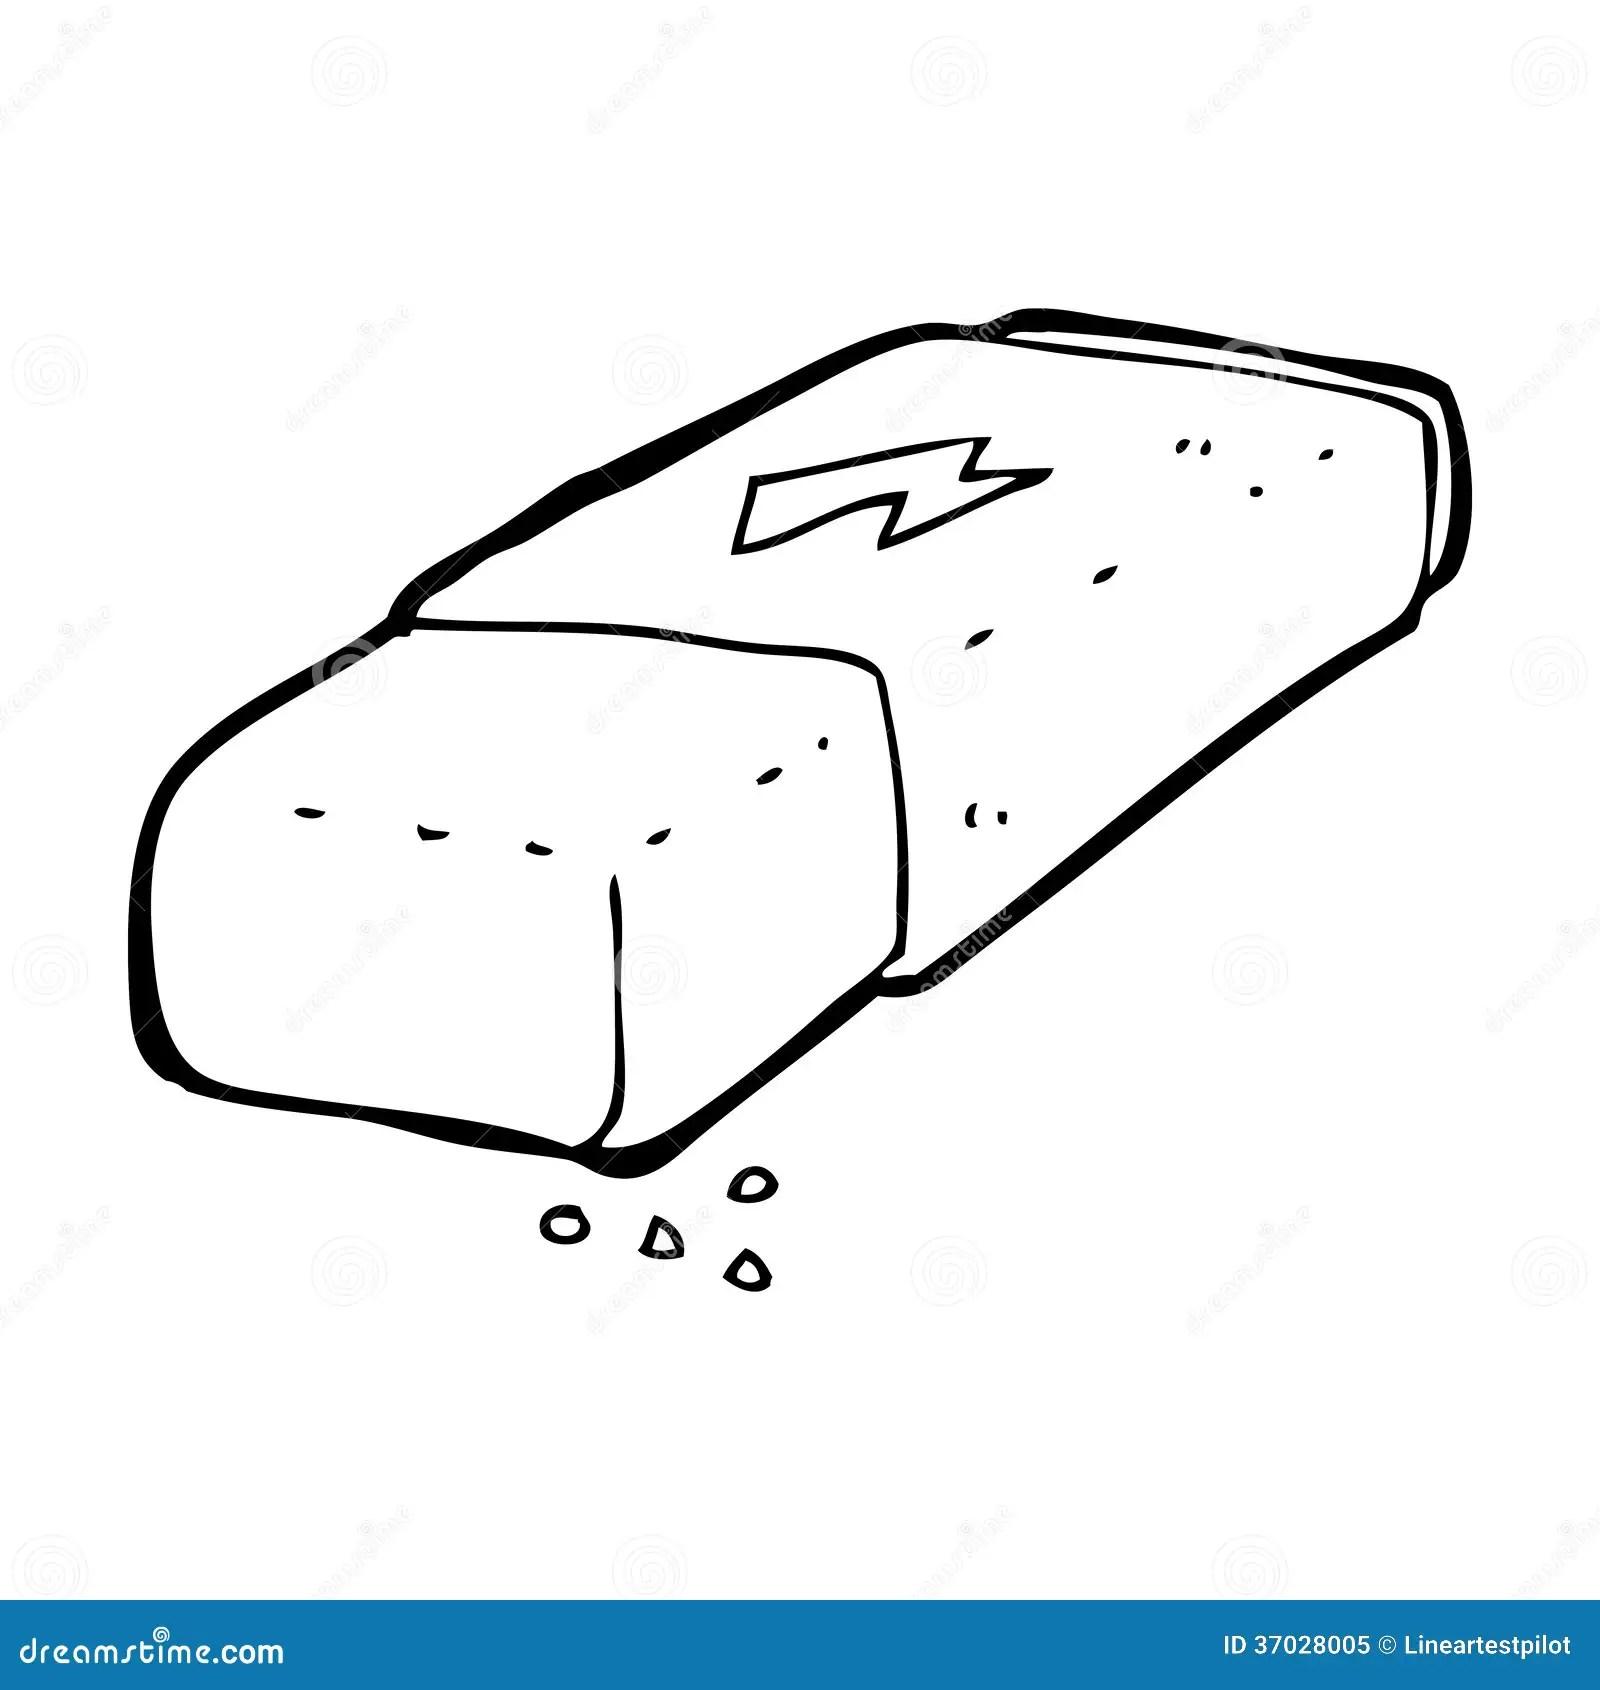 Cartoon Pencil Eraser Stock Illustration Illustration Of